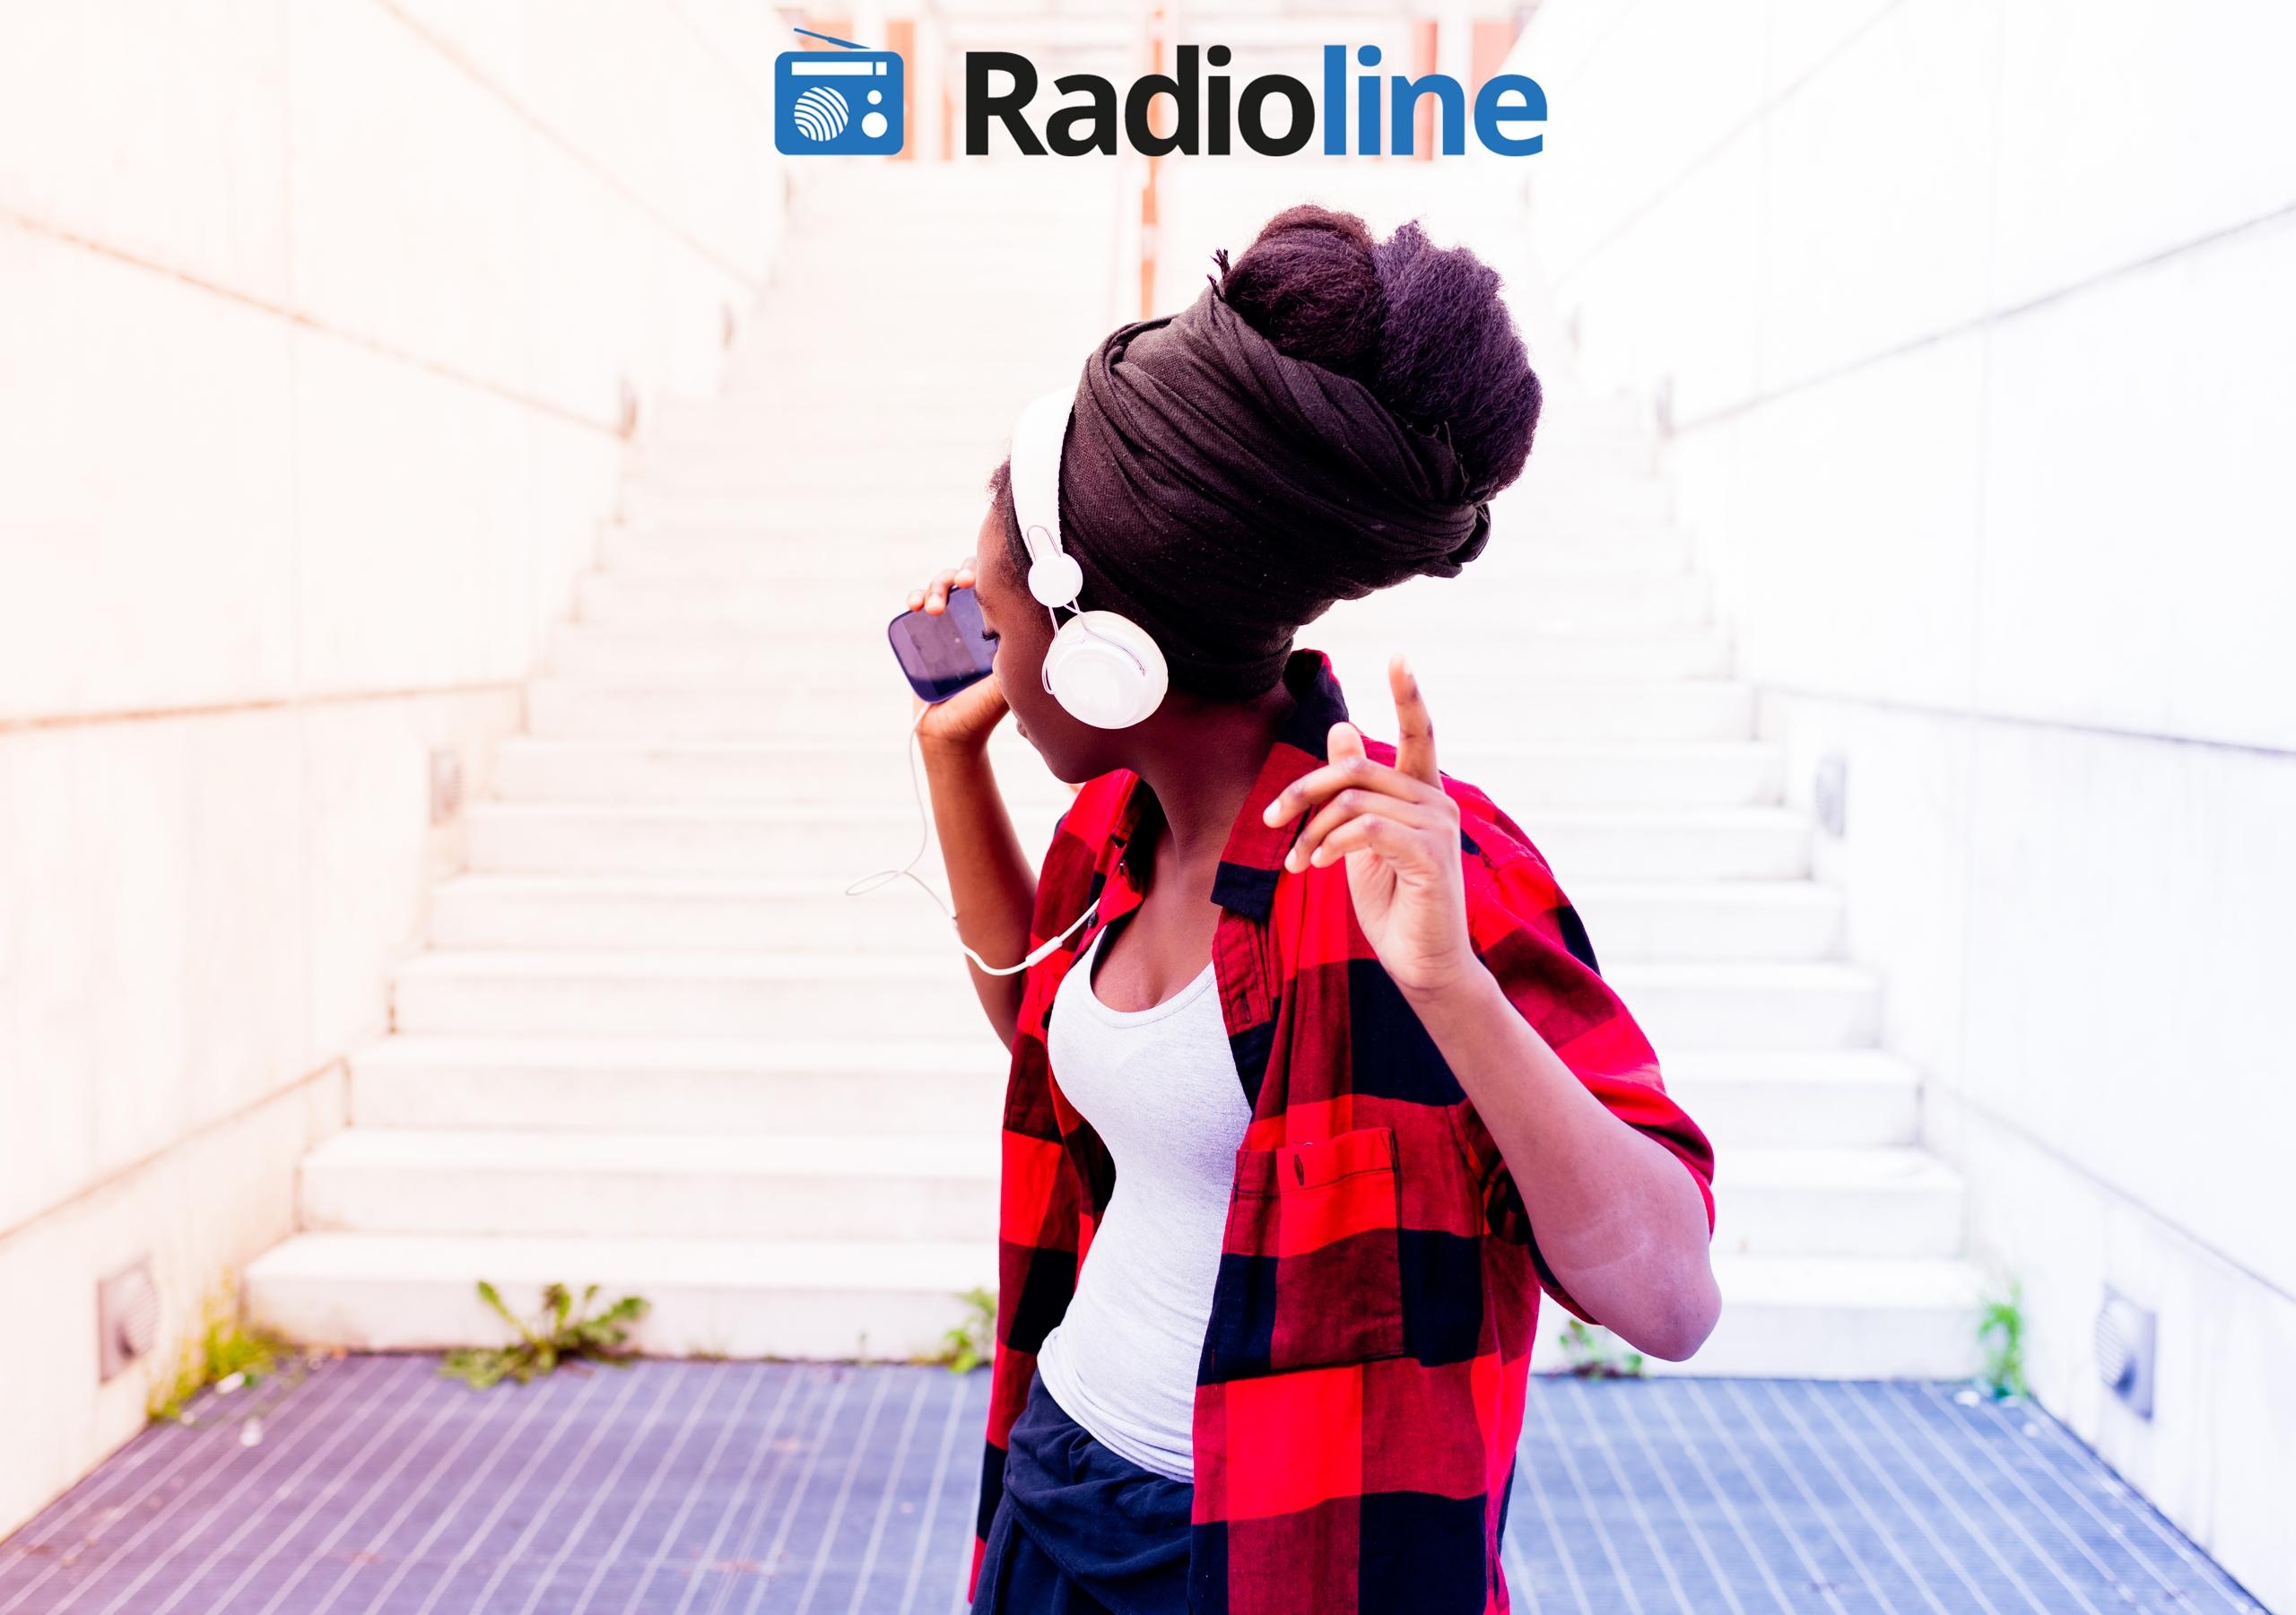 Radioline dévoile plusieurs partenariats stratégiques de contenu